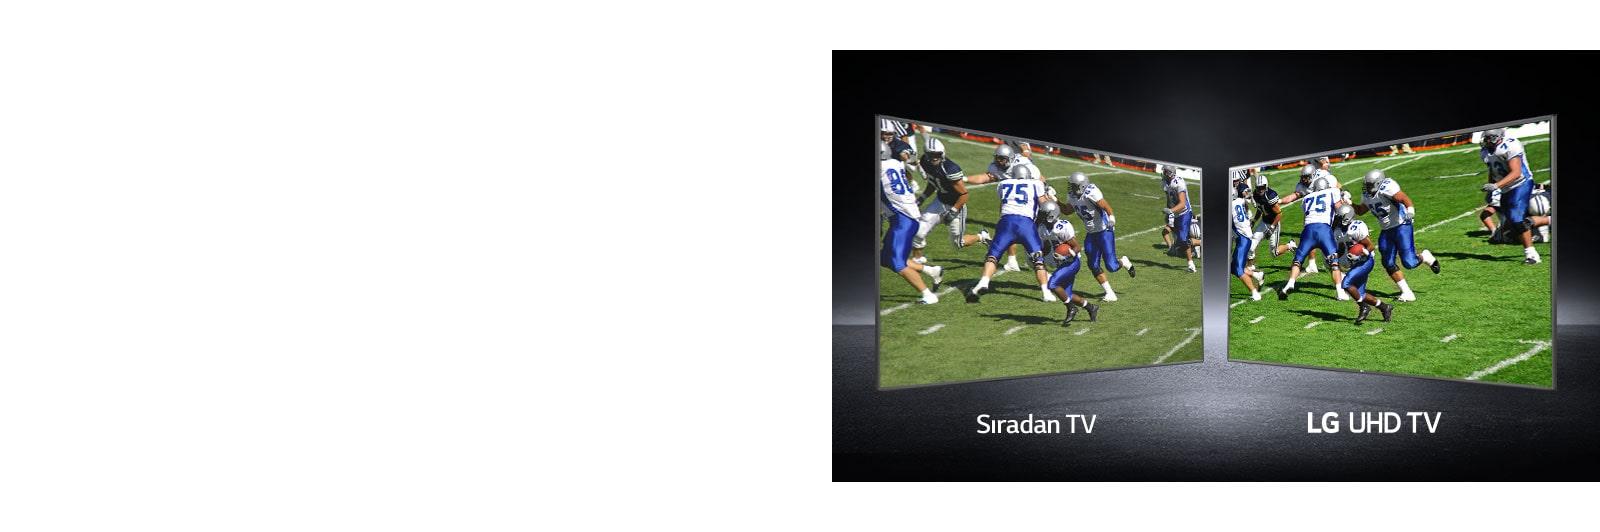 LG 49UN71006LB Görüşlerde gösterilen bir futbol sahasında oynayan oyuncuların resmi. Biri geleneksel bir ekranda, diğeri bir UHD TV'de gösterilir.